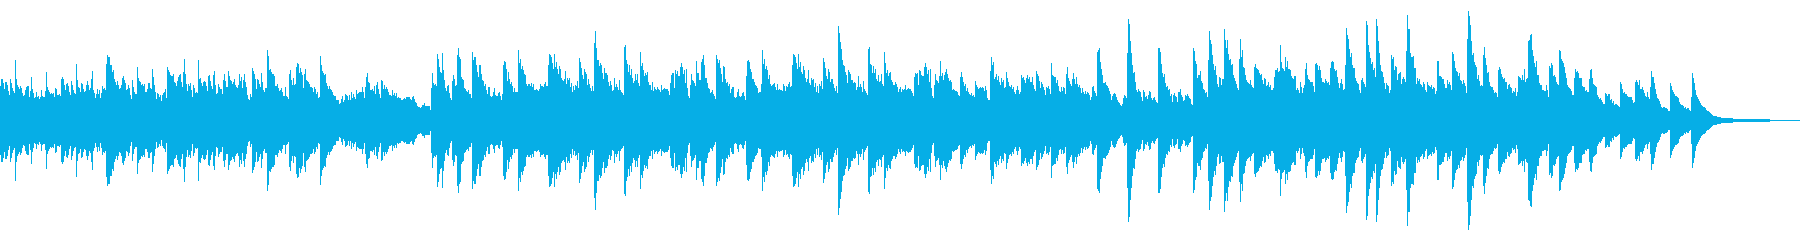 ピアノ情熱 OP・ED曲 映画サントラ風の再生済みの波形